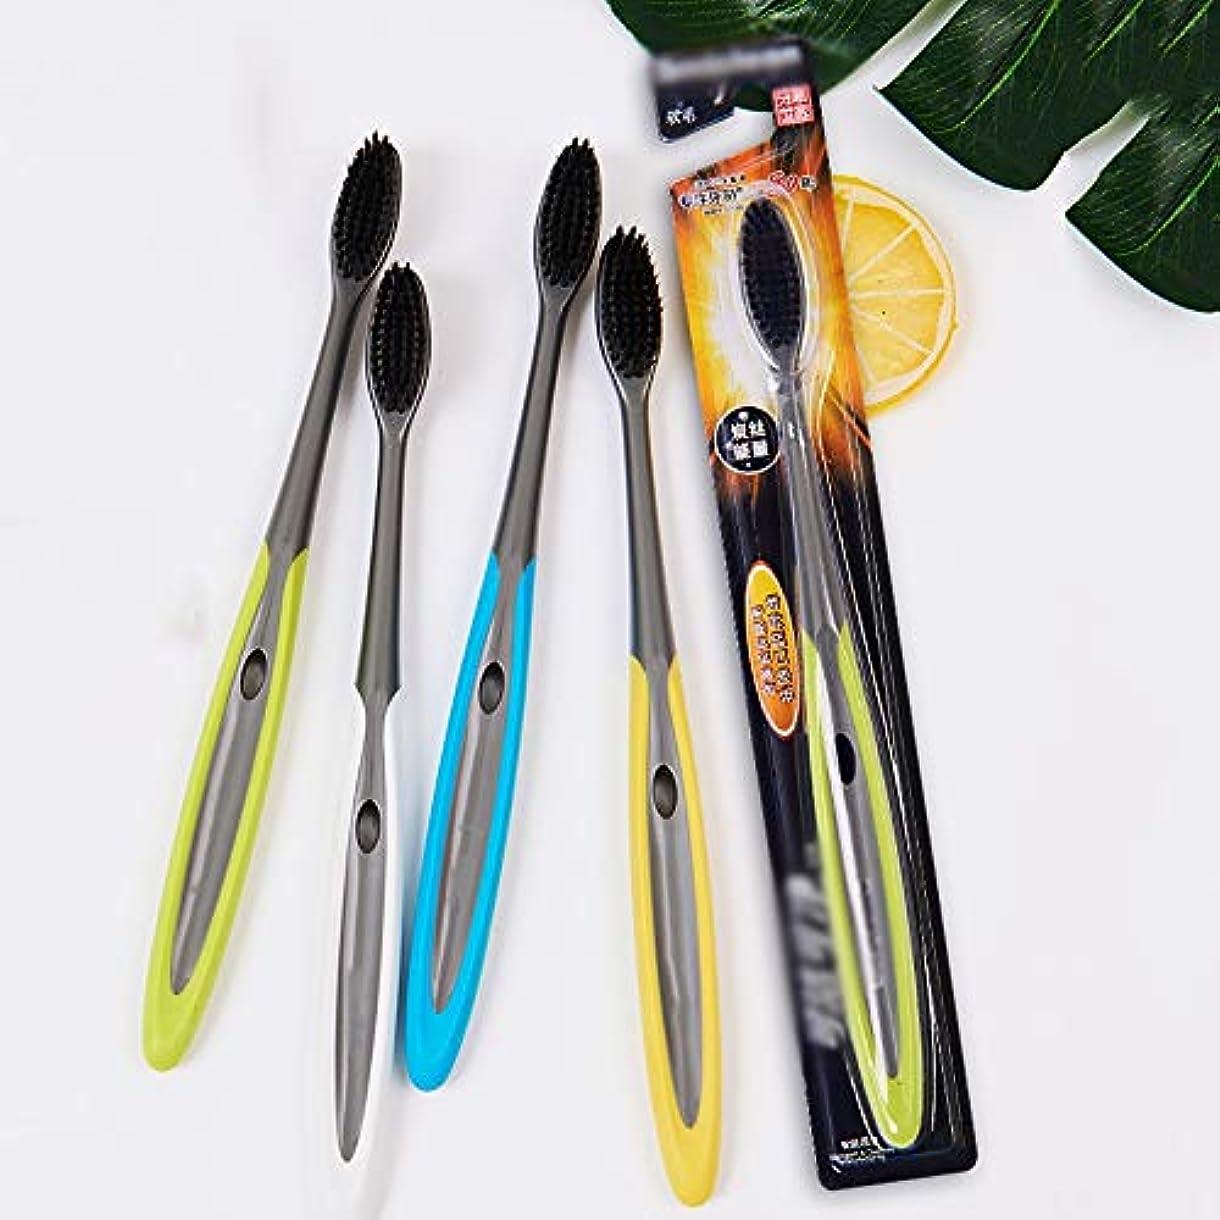 常識シェトランド諸島なので歯ブラシ アダルト竹炭歯ブラシ、バルク柔らかい歯ブラシは、新鮮な口歯ブラシを支援します - 10パック HL (サイズ : 10 packs)